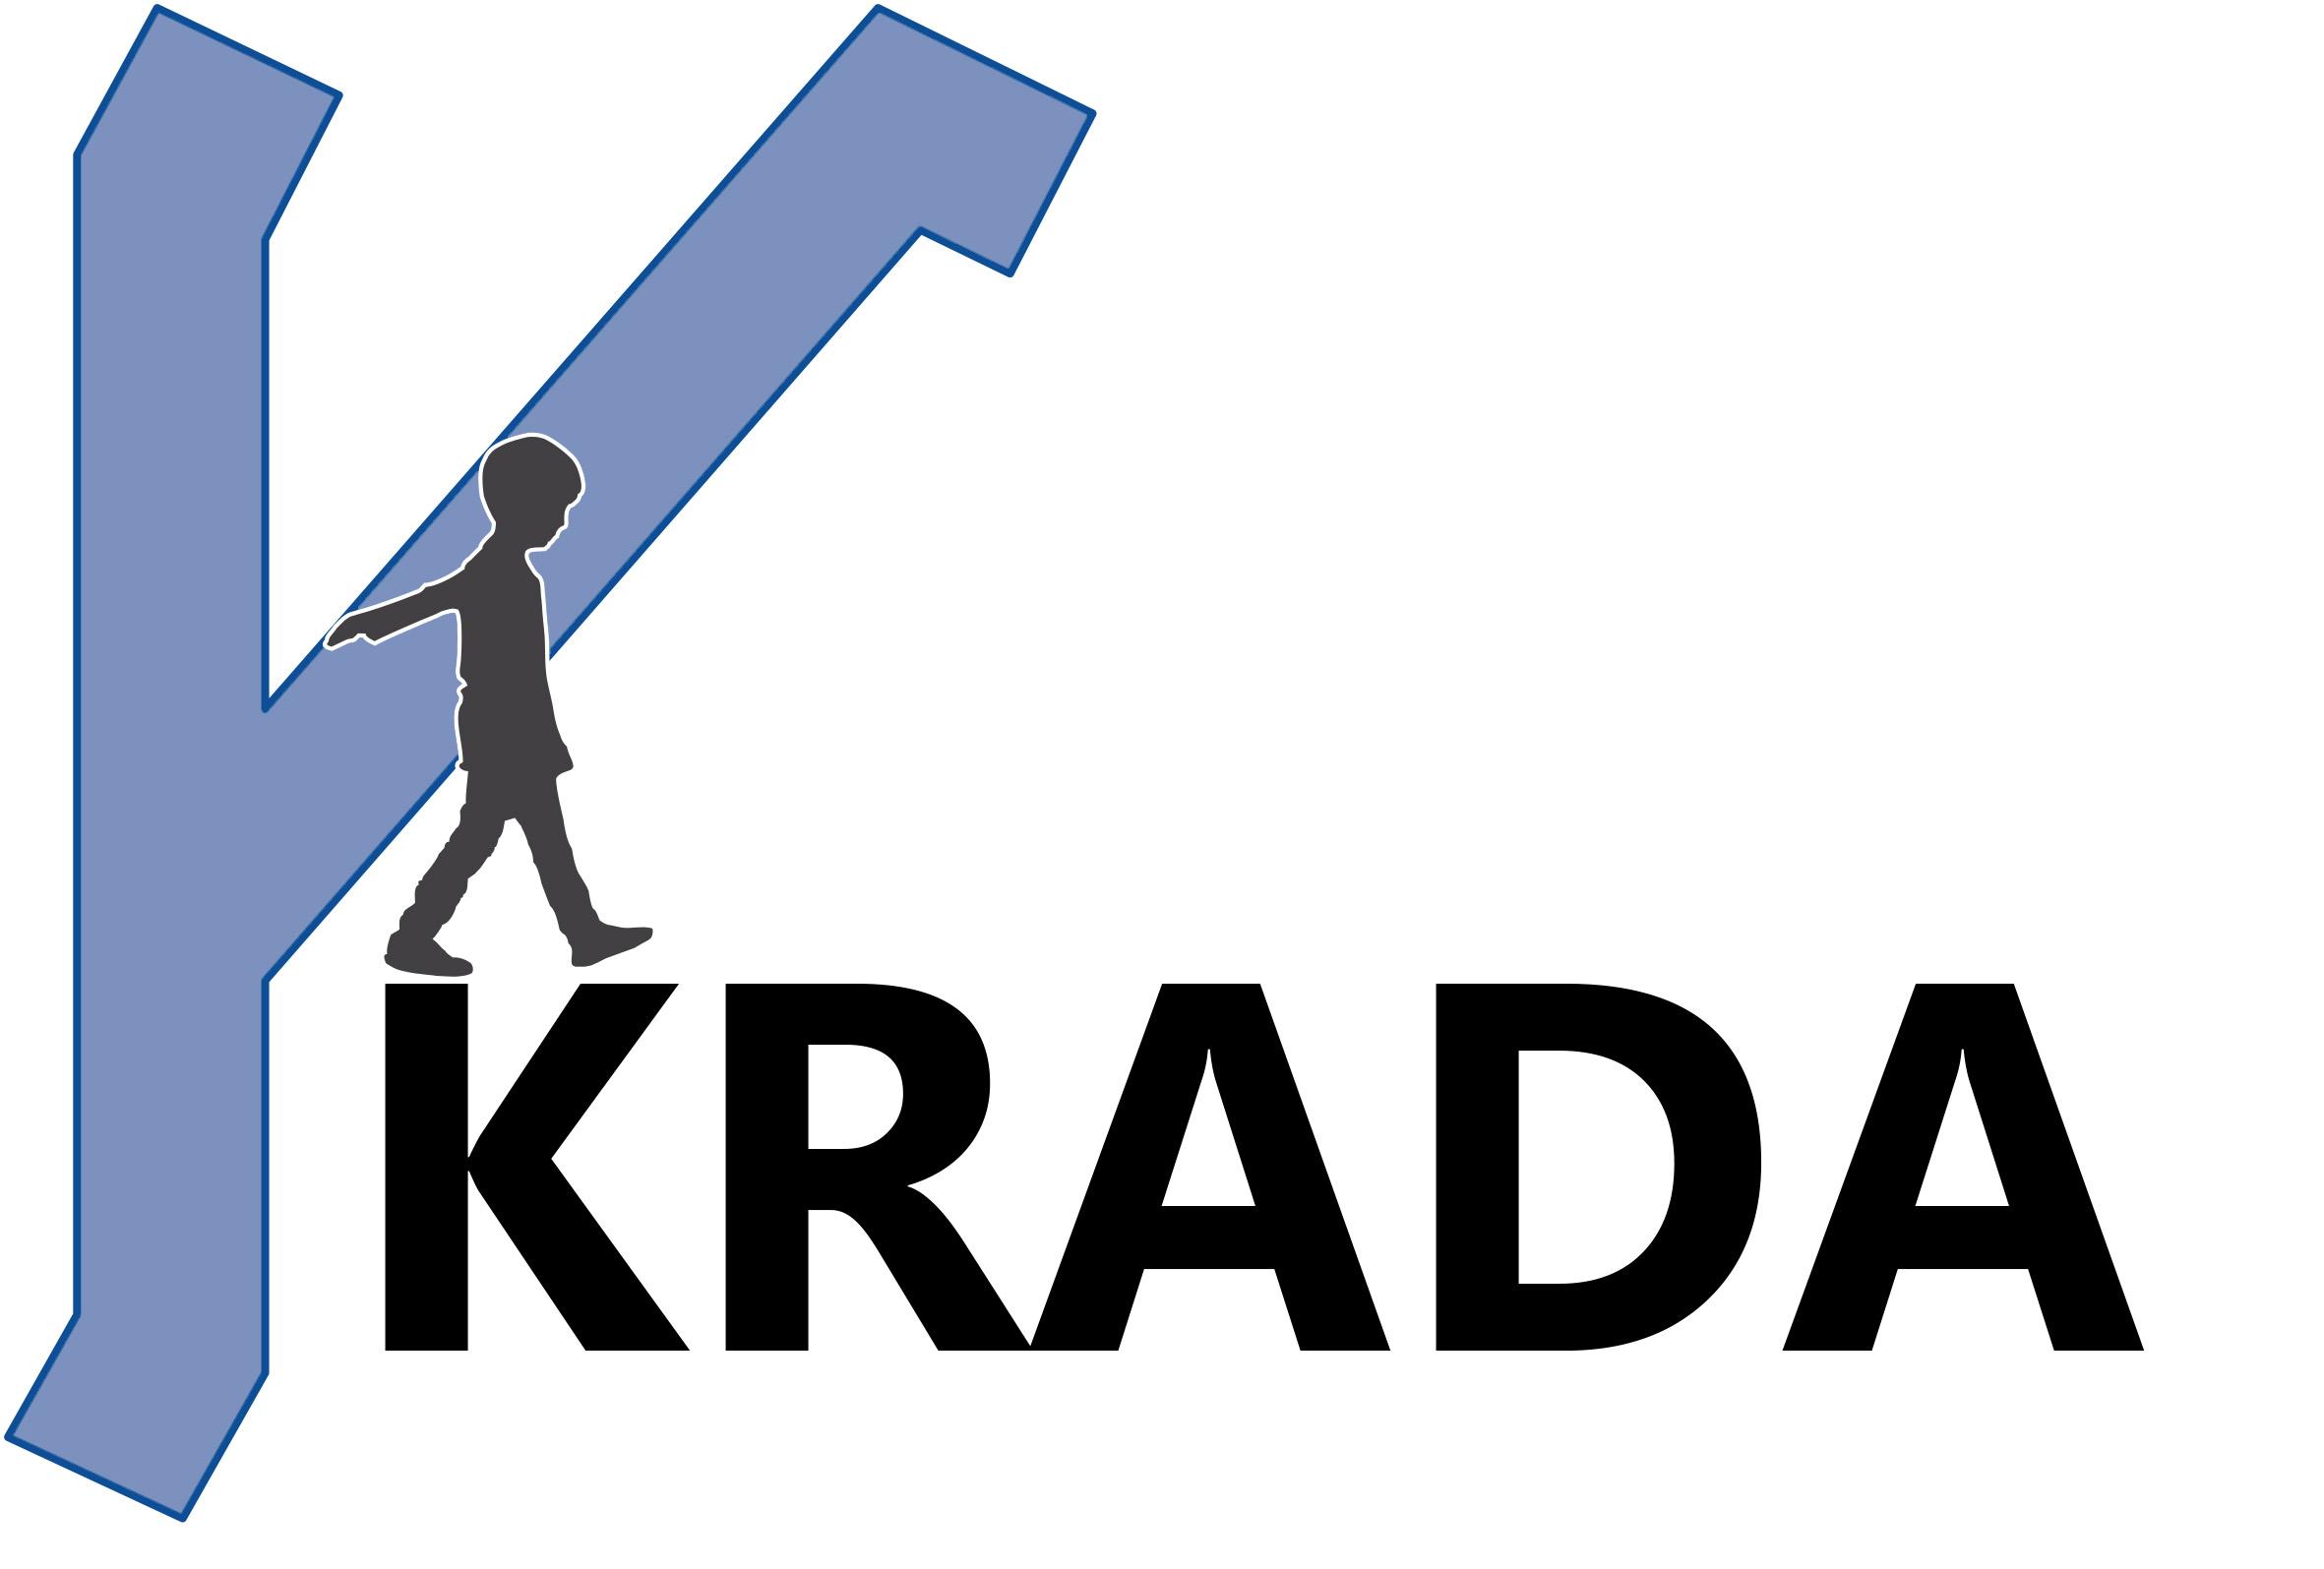 Krada